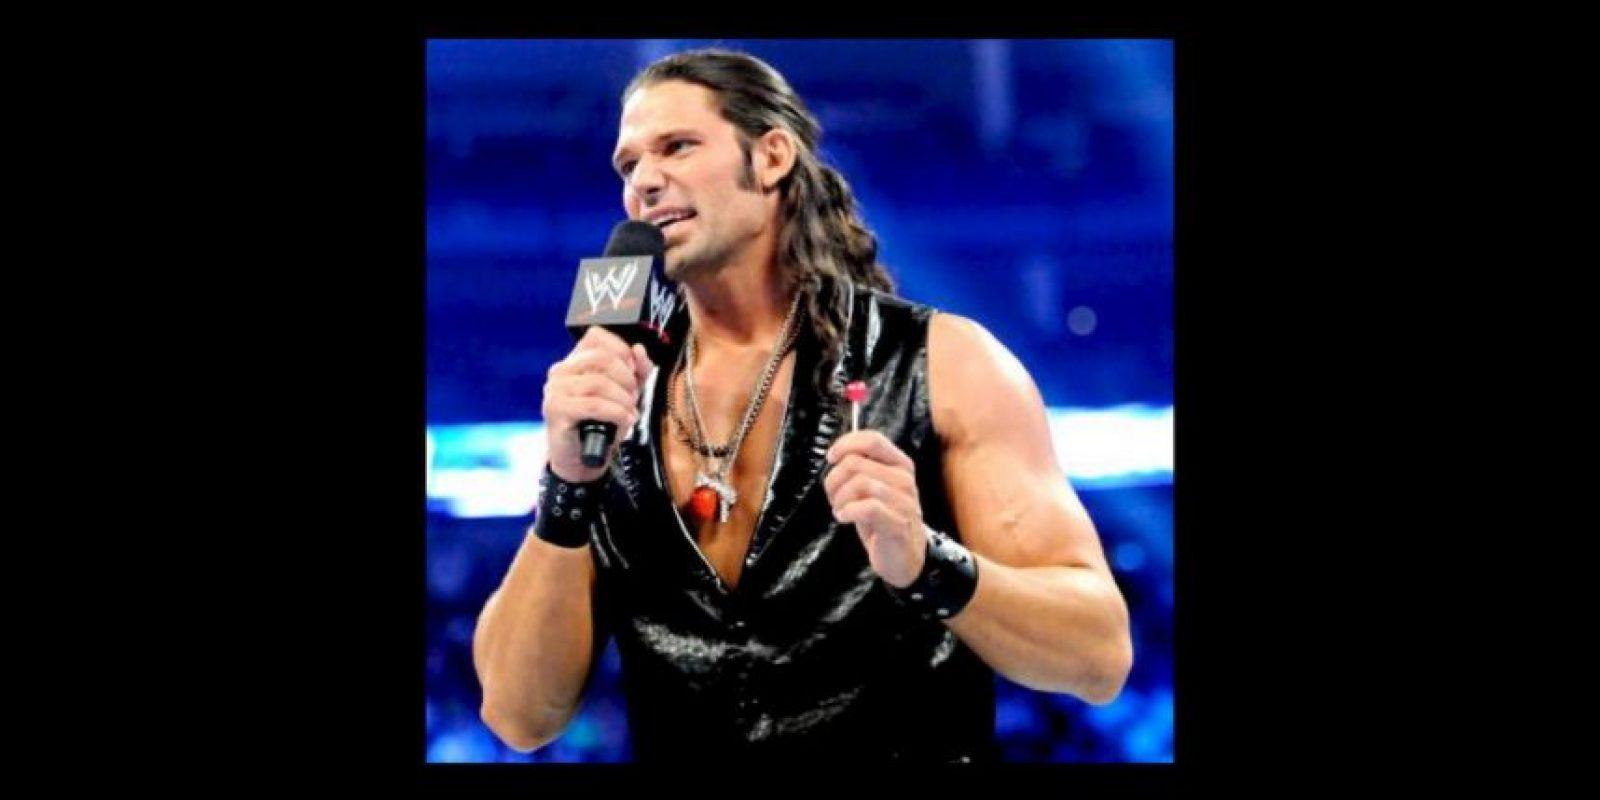 """Ahora era miembro del grupo """"The Social Outcast"""", junto a Bo Dallas, Curtis Axel, Heath Slater y Viktor Foto:WWE. Imagen Por:"""